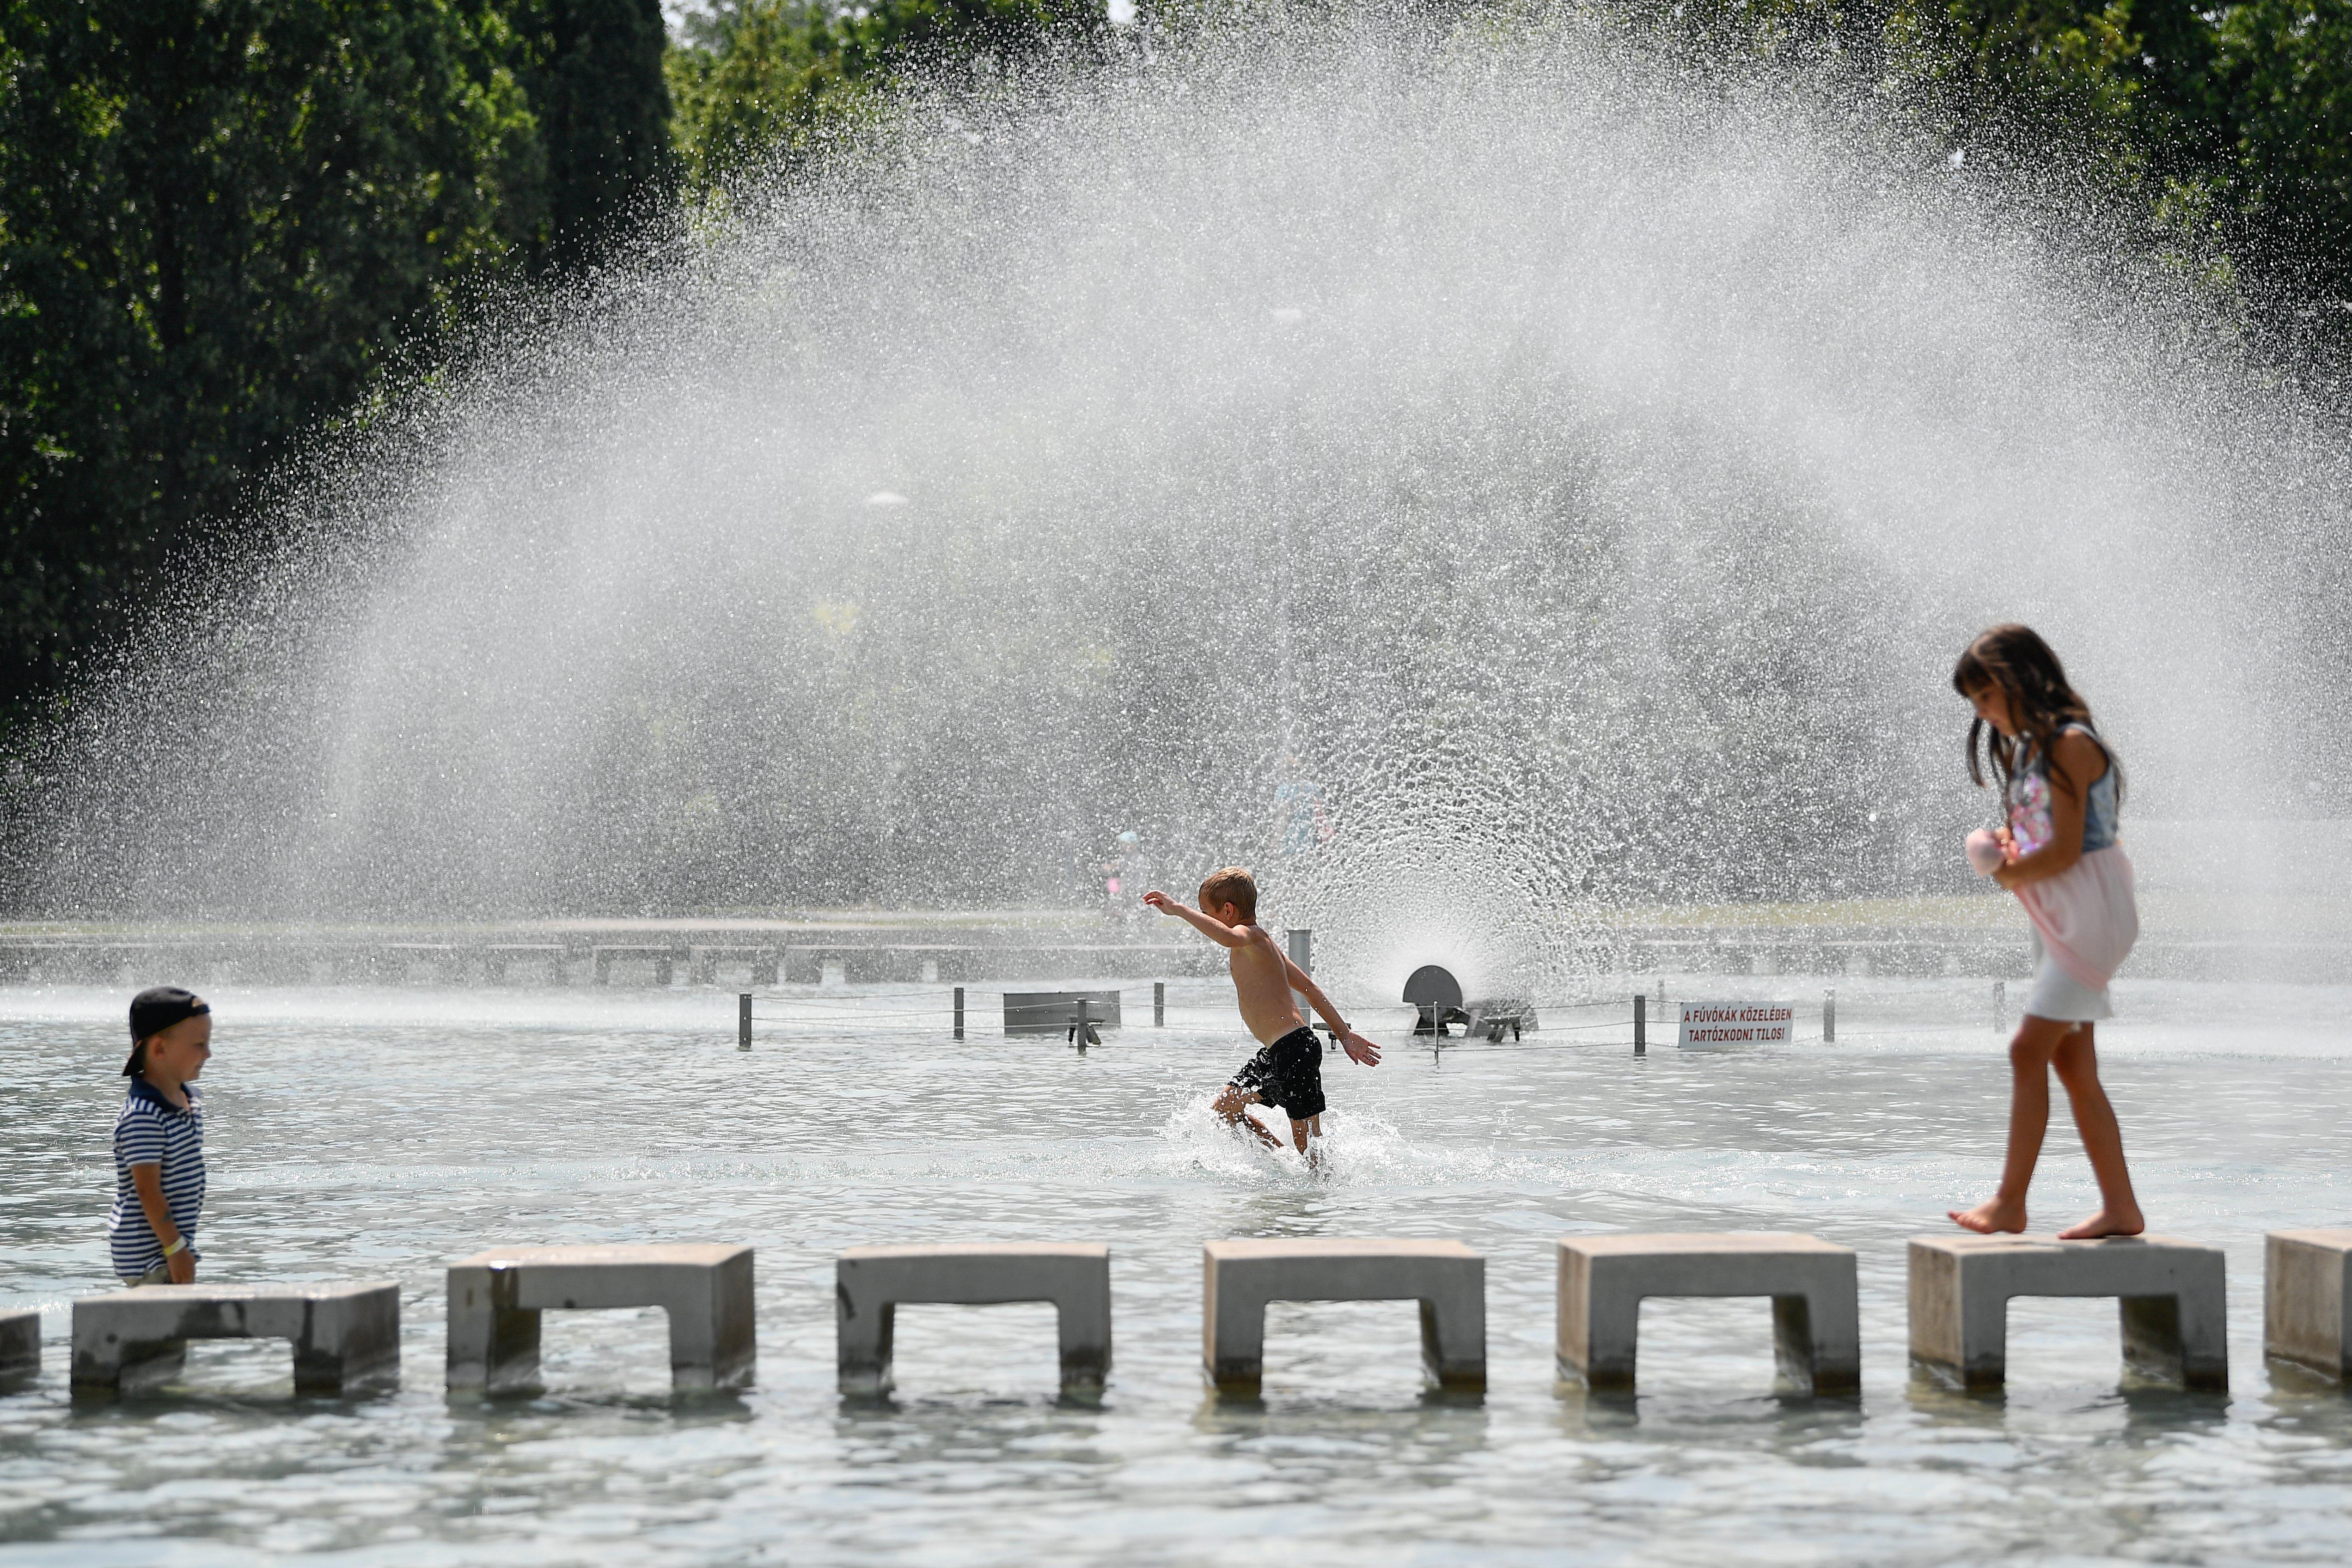 Megállapították, hogy a felmelegedésből a felmelegedés jelenti a legnagyobb egészségügyi kockázatot Magyarországon